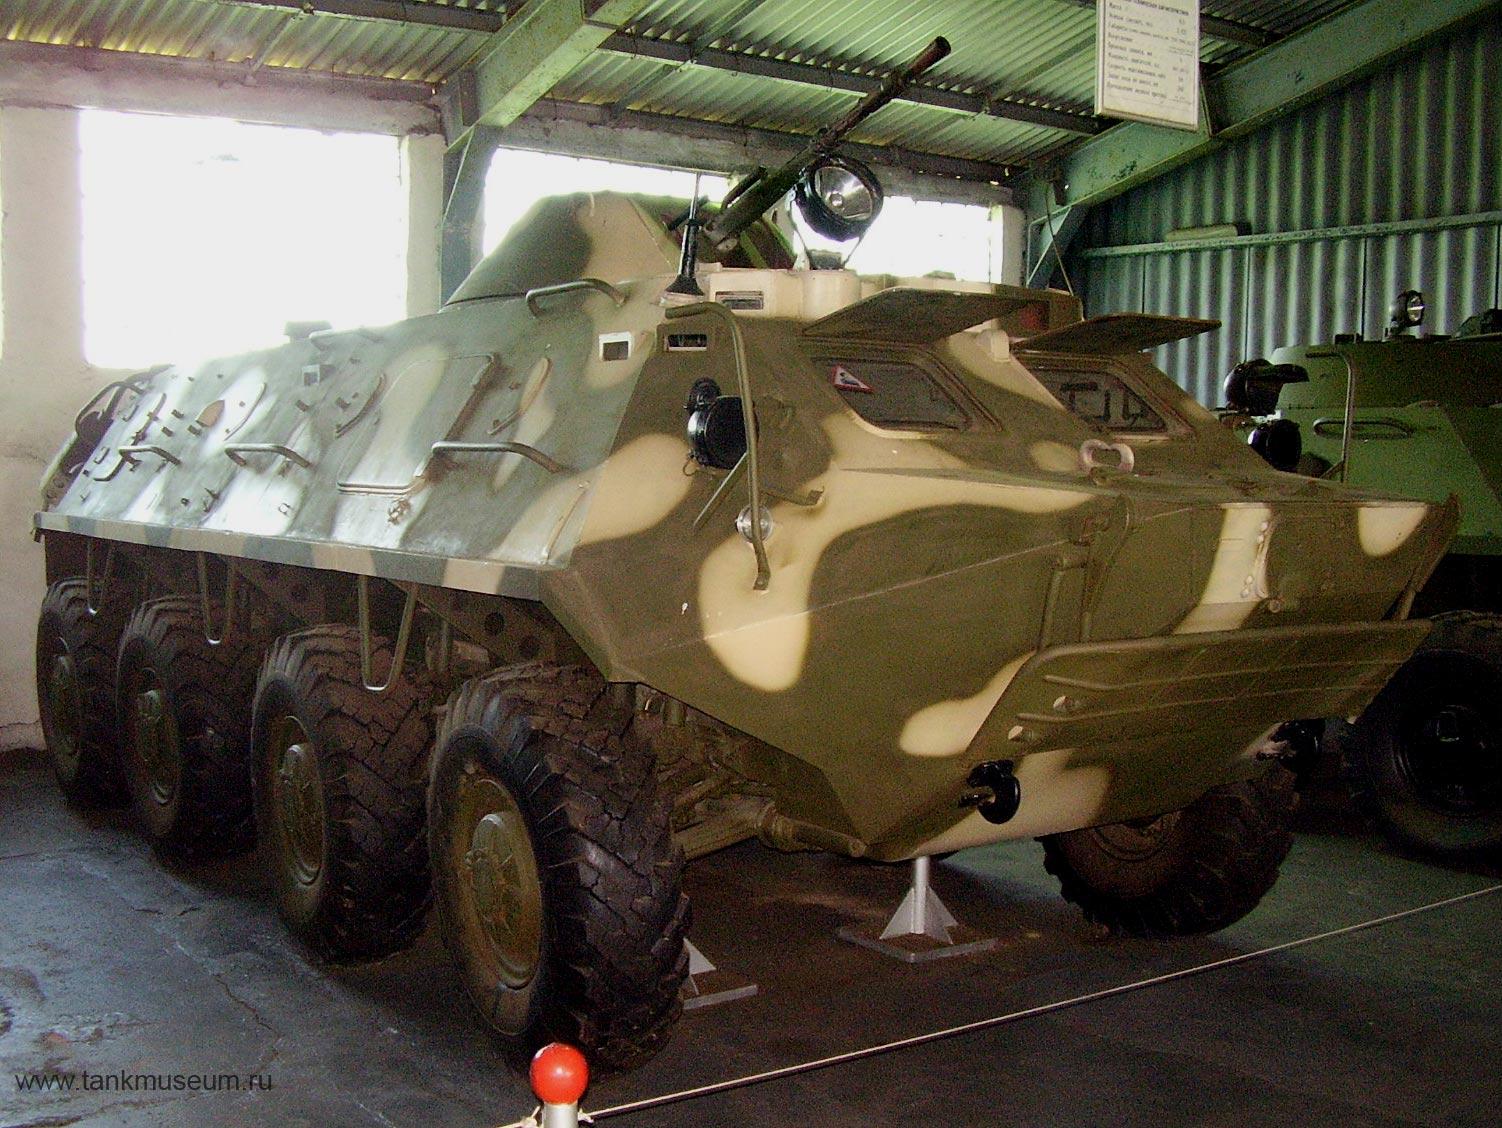 Плавающий бронетранспортер БТР-60ПБ